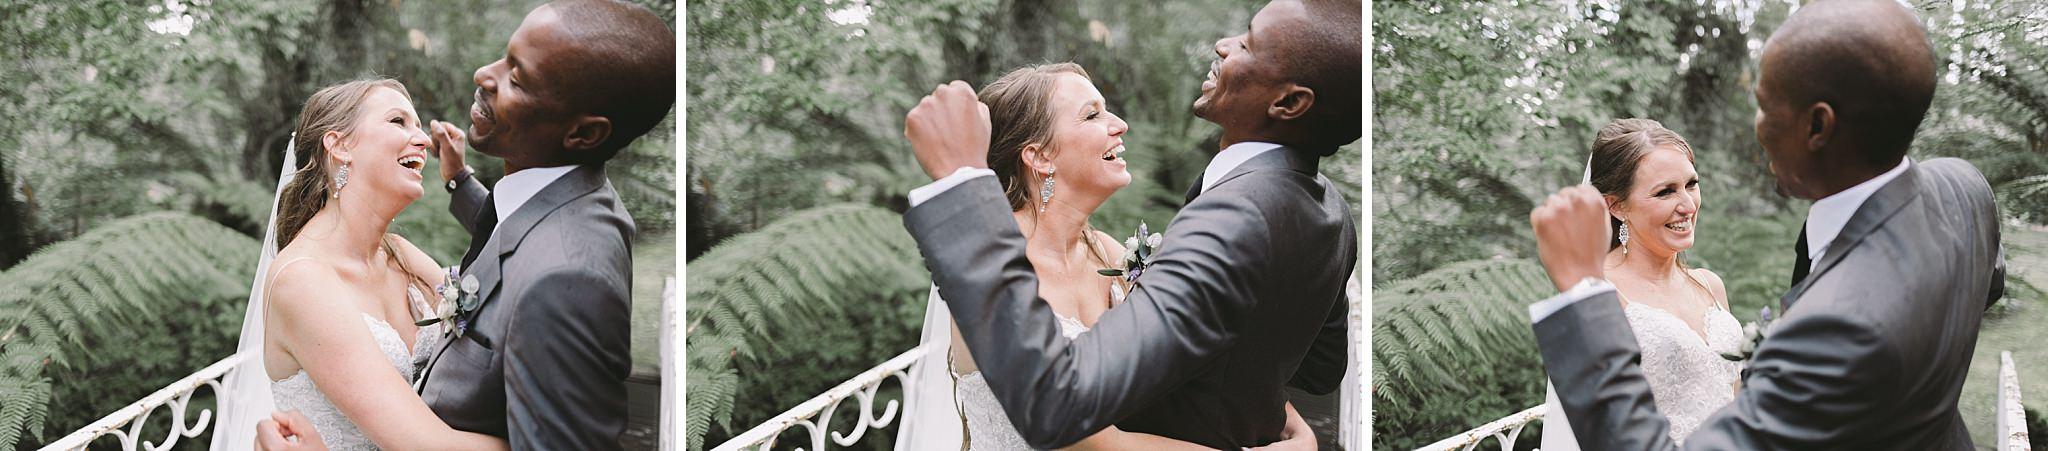 Tatra Dandenong Wedding Photography Natural Candid (79).JPG